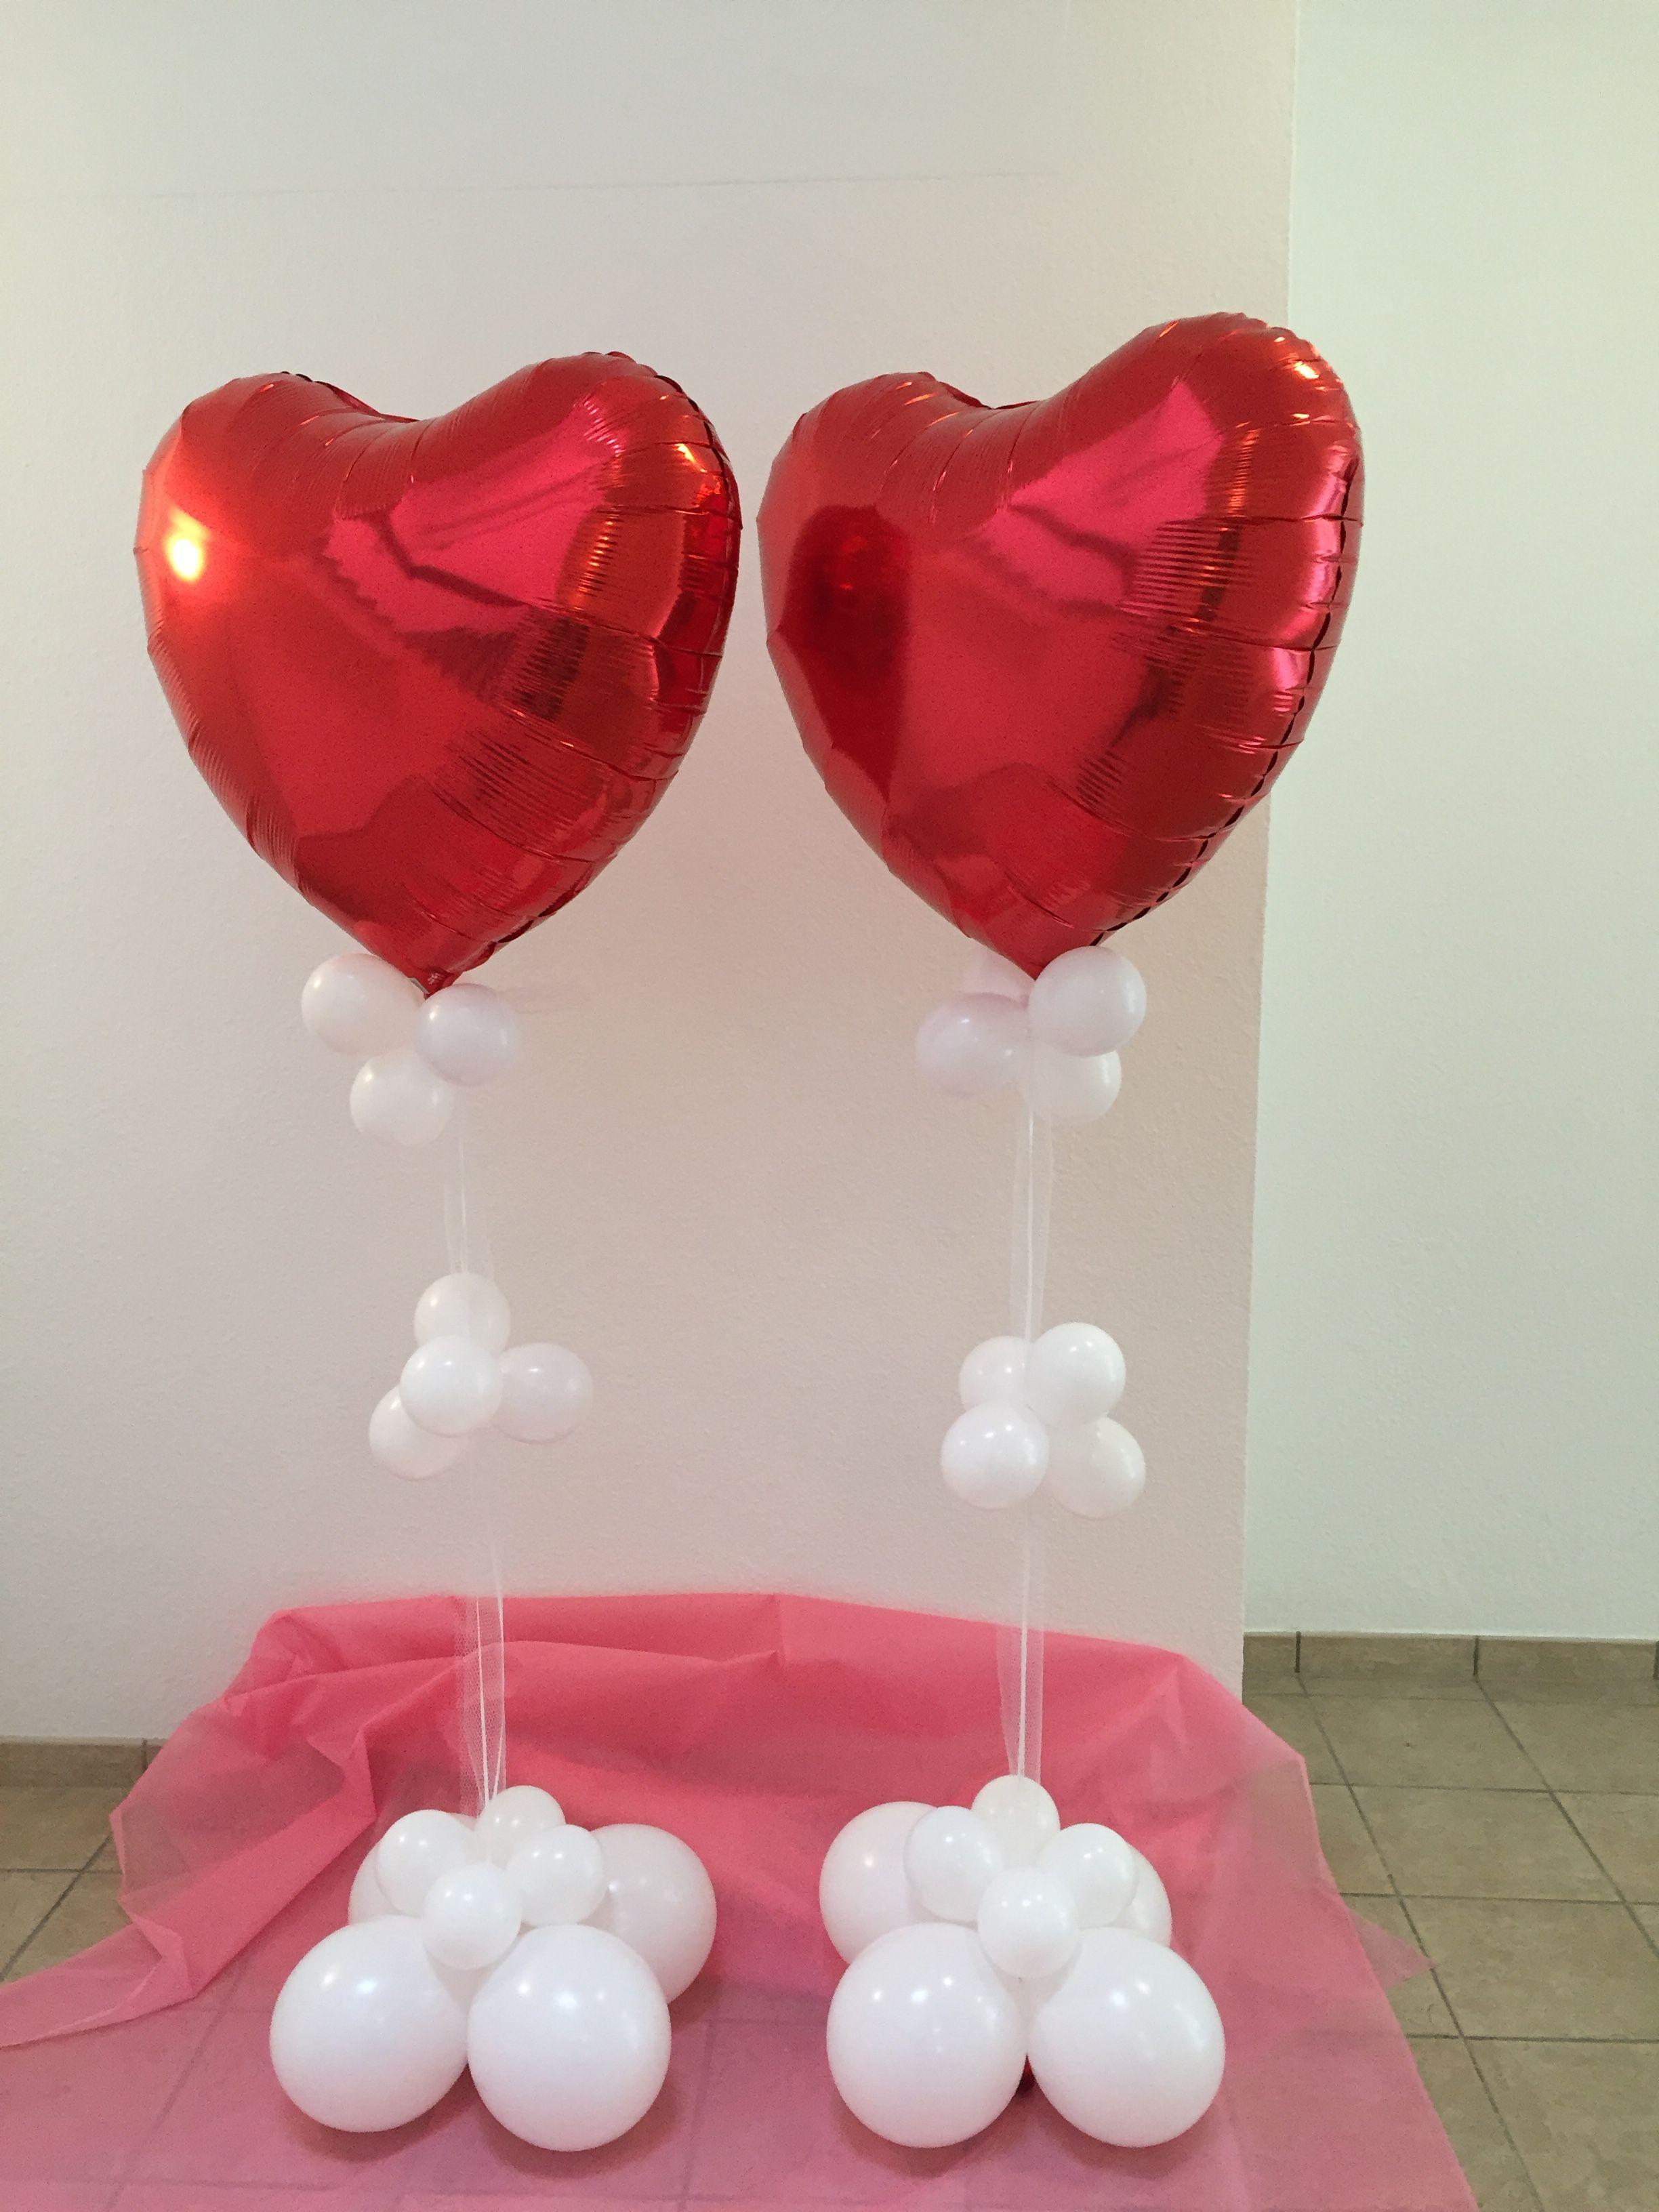 Rote Herzballons Perfekt Fur Die Saaldeko Einer Hochzeit Mit Weissen Ballons Verziert Um Die Freistehend Eins Ballondekorationen Ballon Dekoration Luftballons